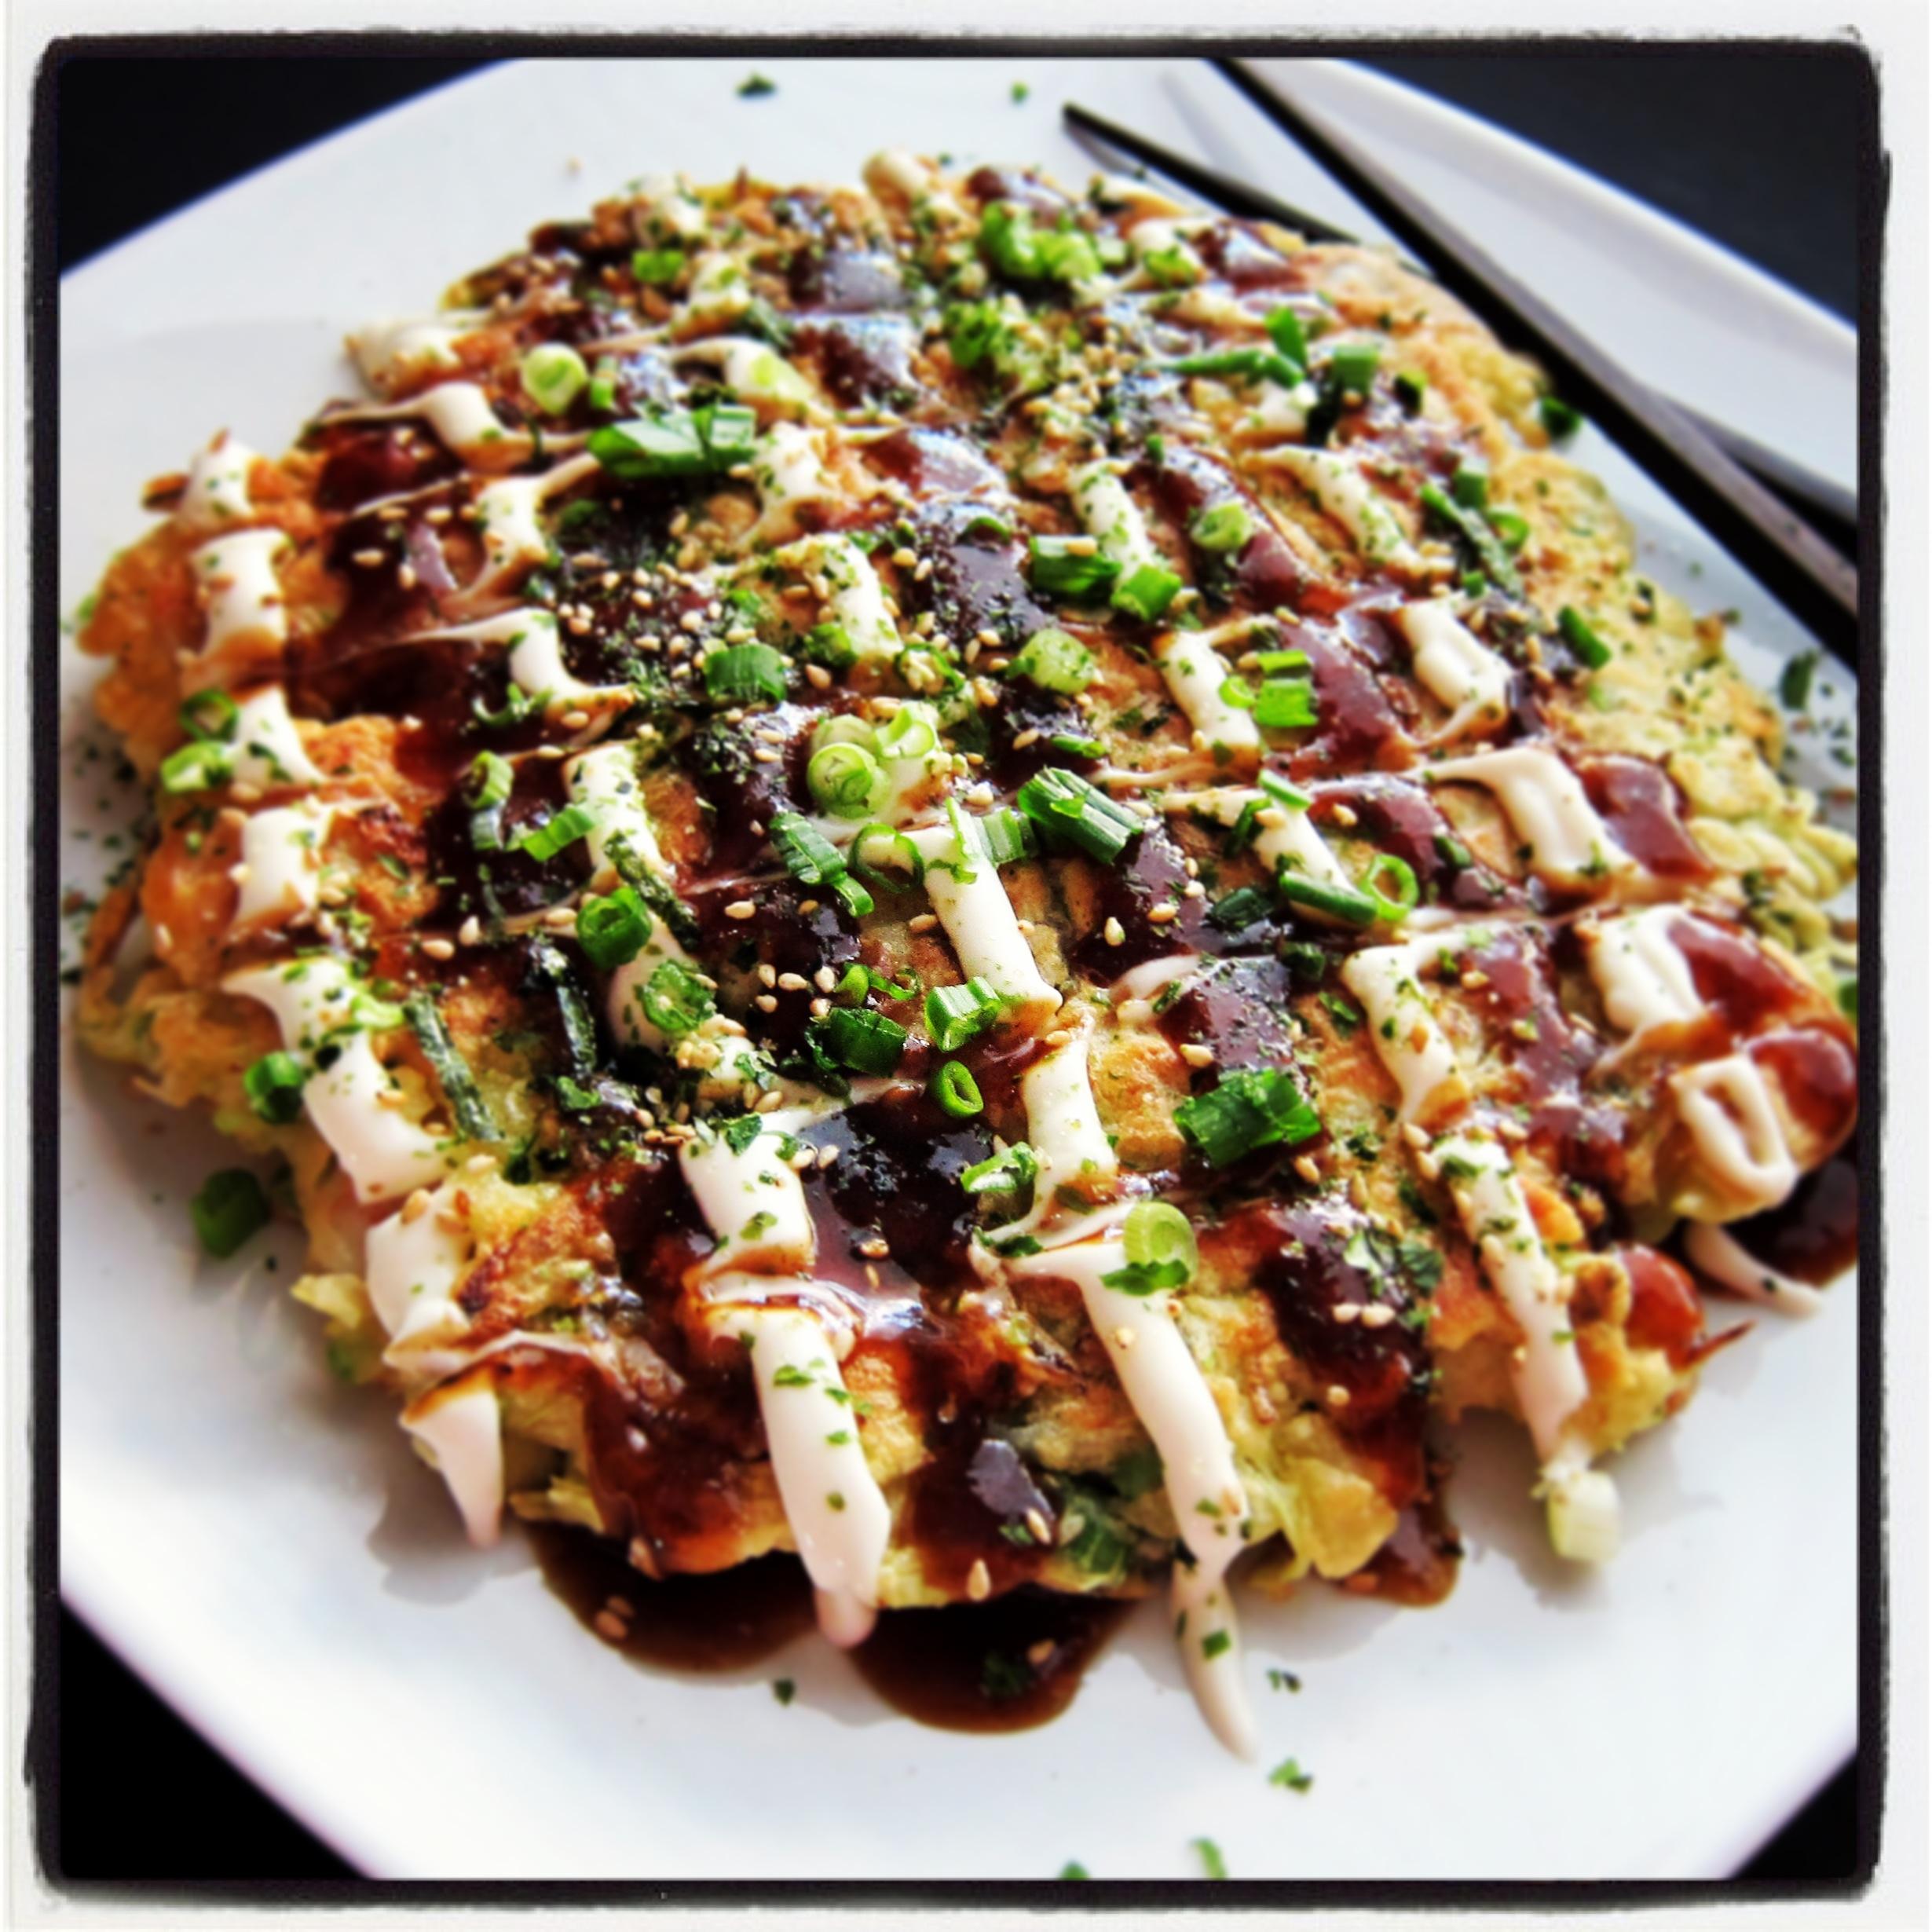 Recetas de cocina japonesa: Como preparar Okonomiyaki | Taka Sasaki